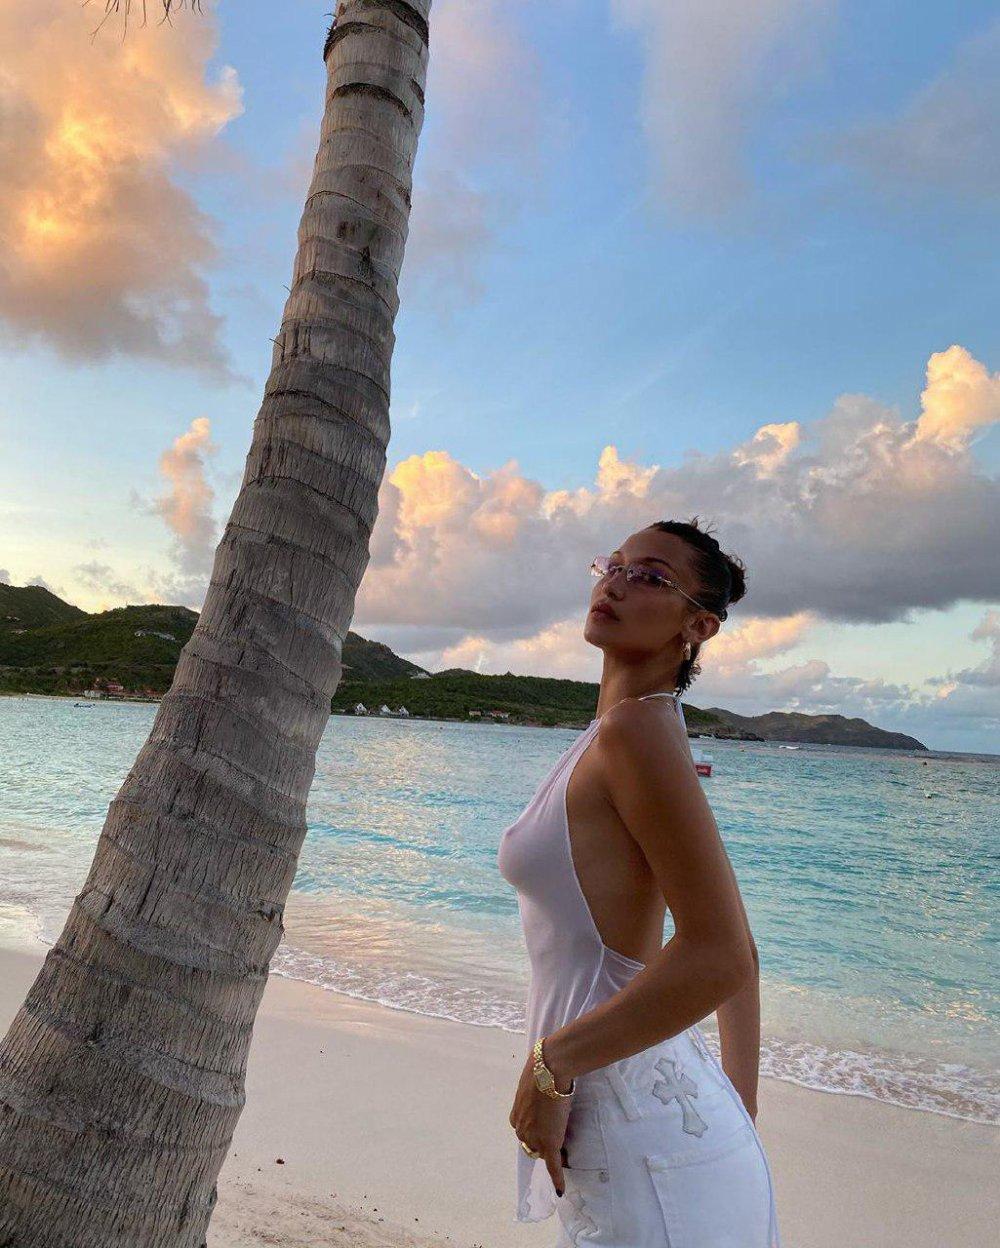 Найгарніша модель світу cфотографувалася на пляжі без білизни (ФОТО)